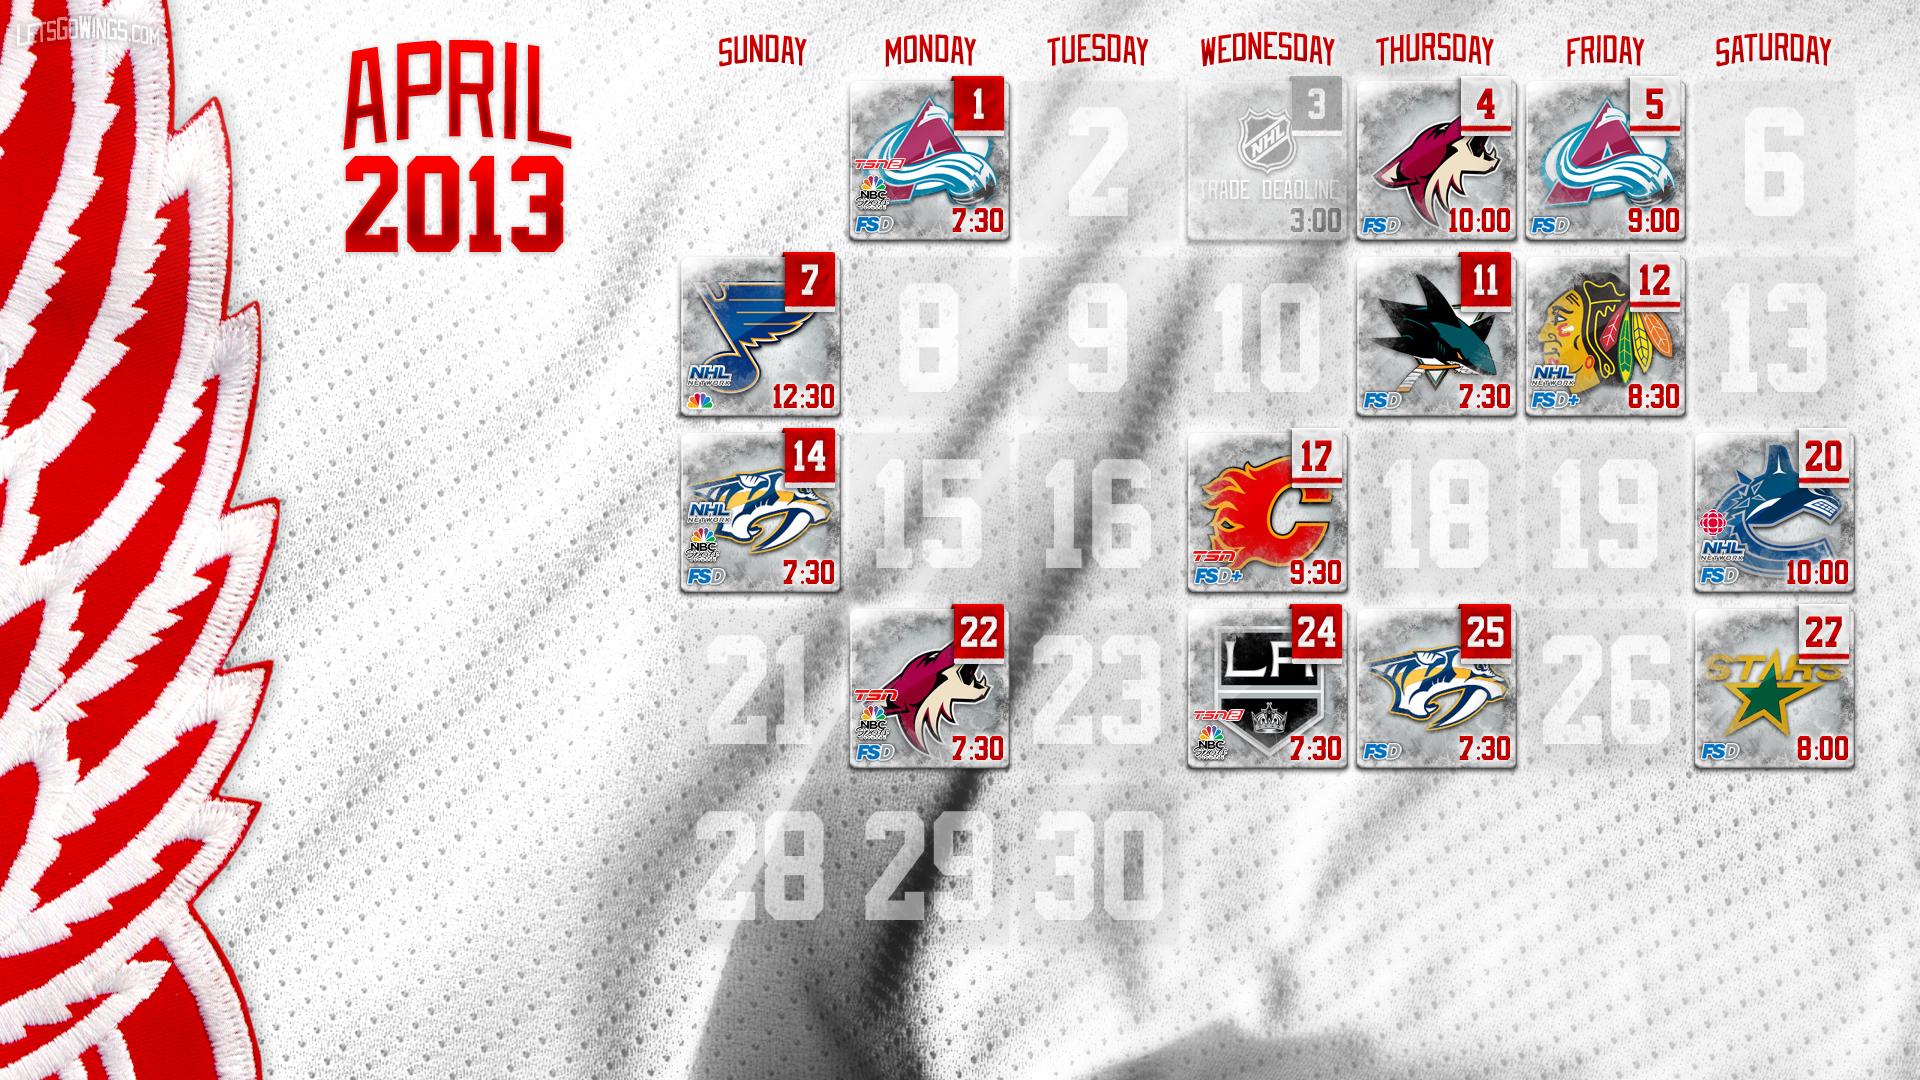 Online Calendars Metro Detroit Metro Detroit Events Calendar Guide2detroit April 2013 Schedule Wallpaper Now Available News